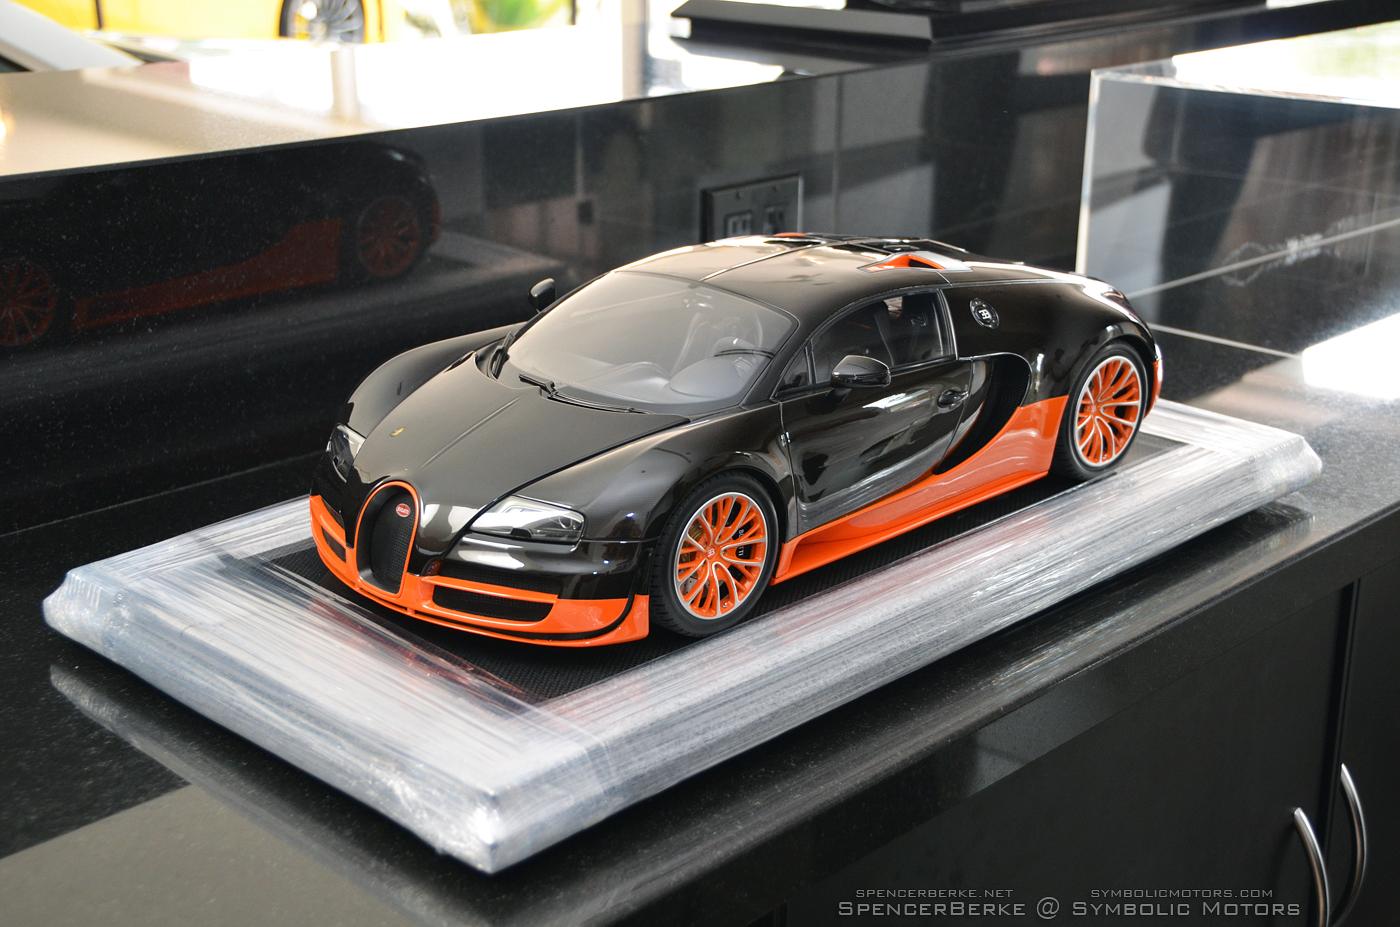 diecast car collector v9. Black Bedroom Furniture Sets. Home Design Ideas